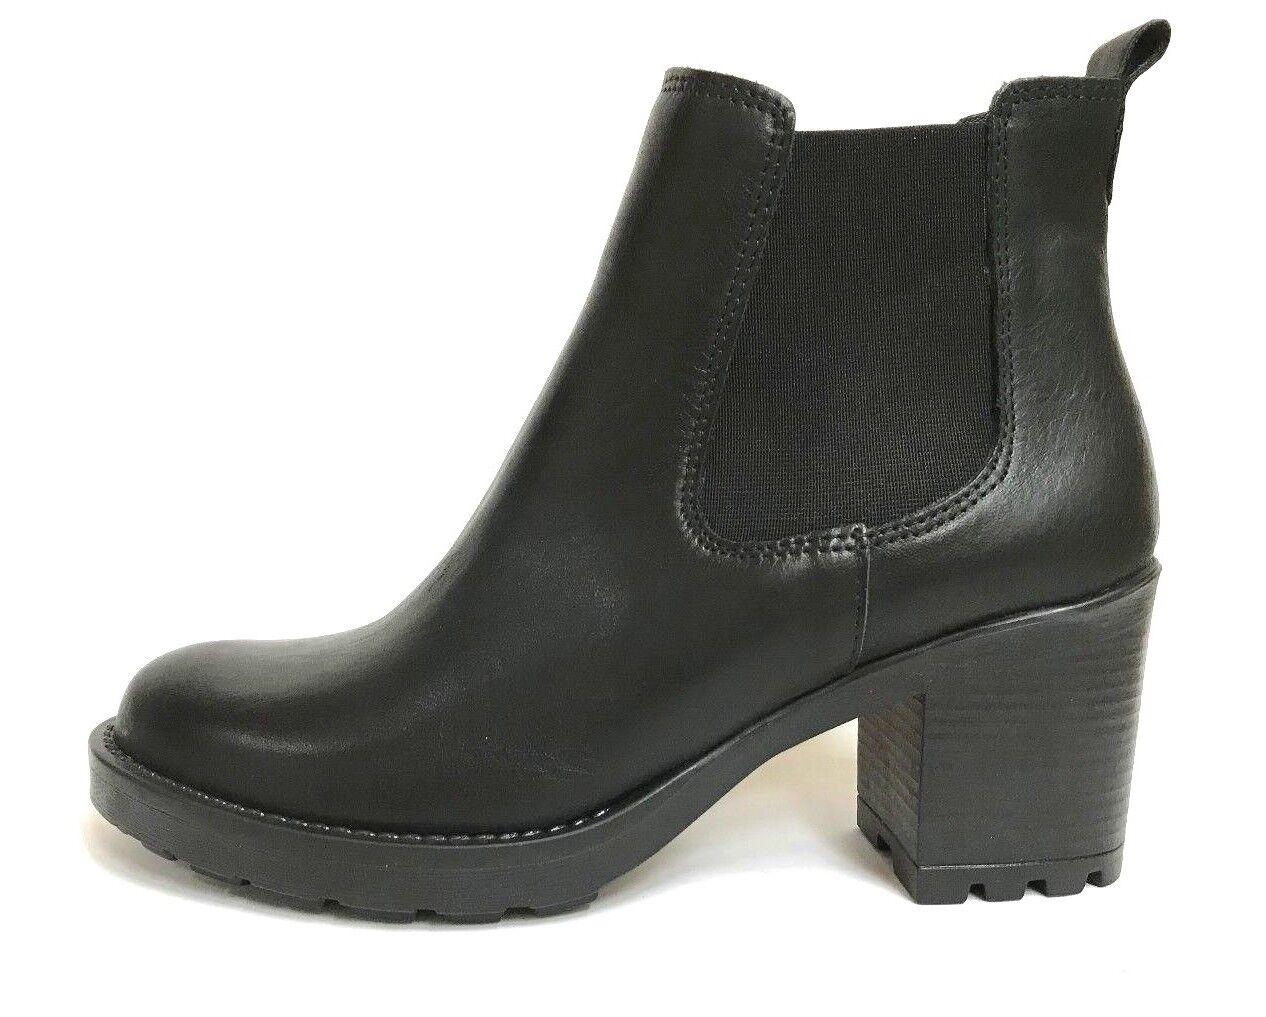 SCARPE DONNA ITALY scarpe STIVALETTI TACCO 5502 NERO PELLE INVERNO SCONTO 30%